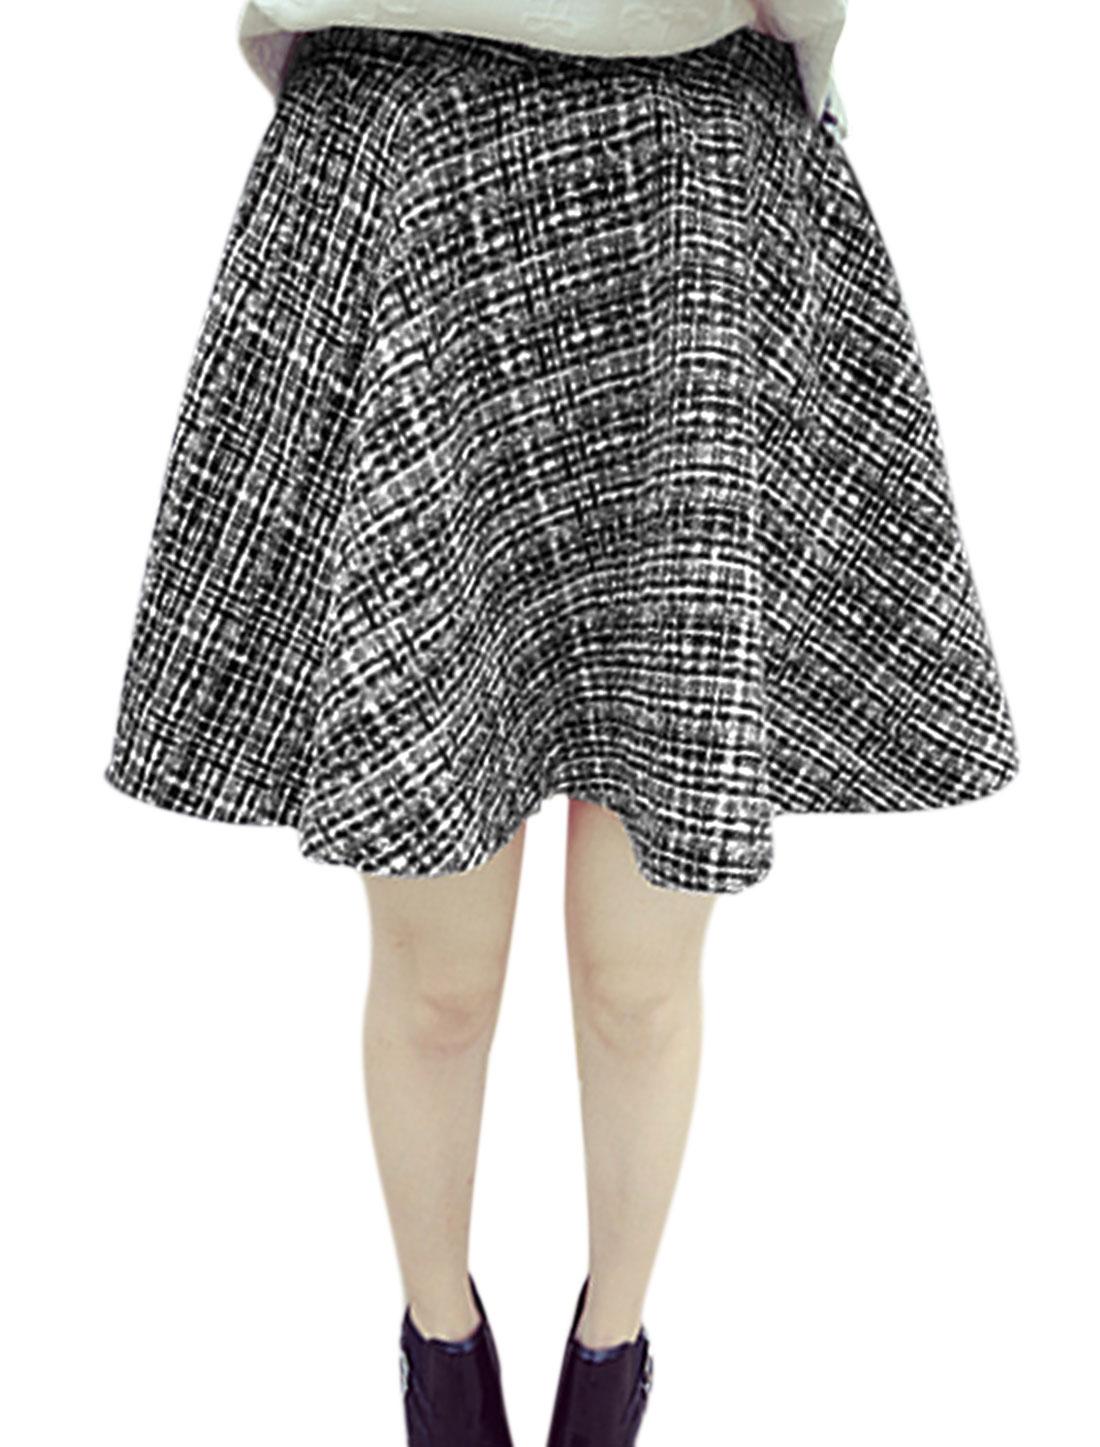 Women Natural Waist Zip Up Back Design Full Skirt Black White XS